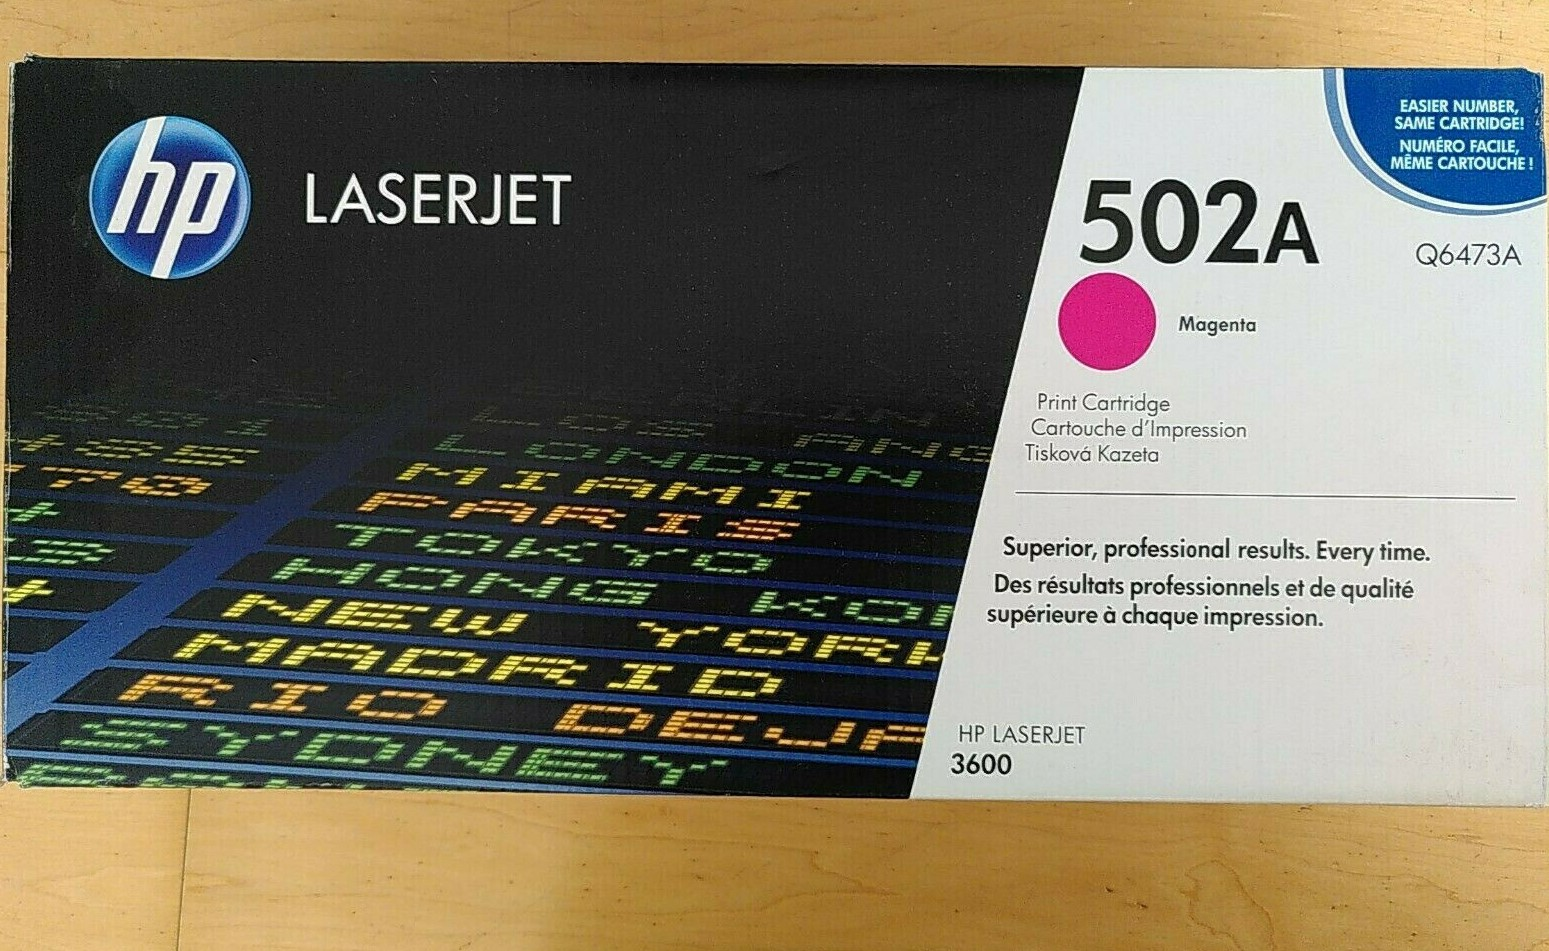 hp-laserjet-502a-q6472a